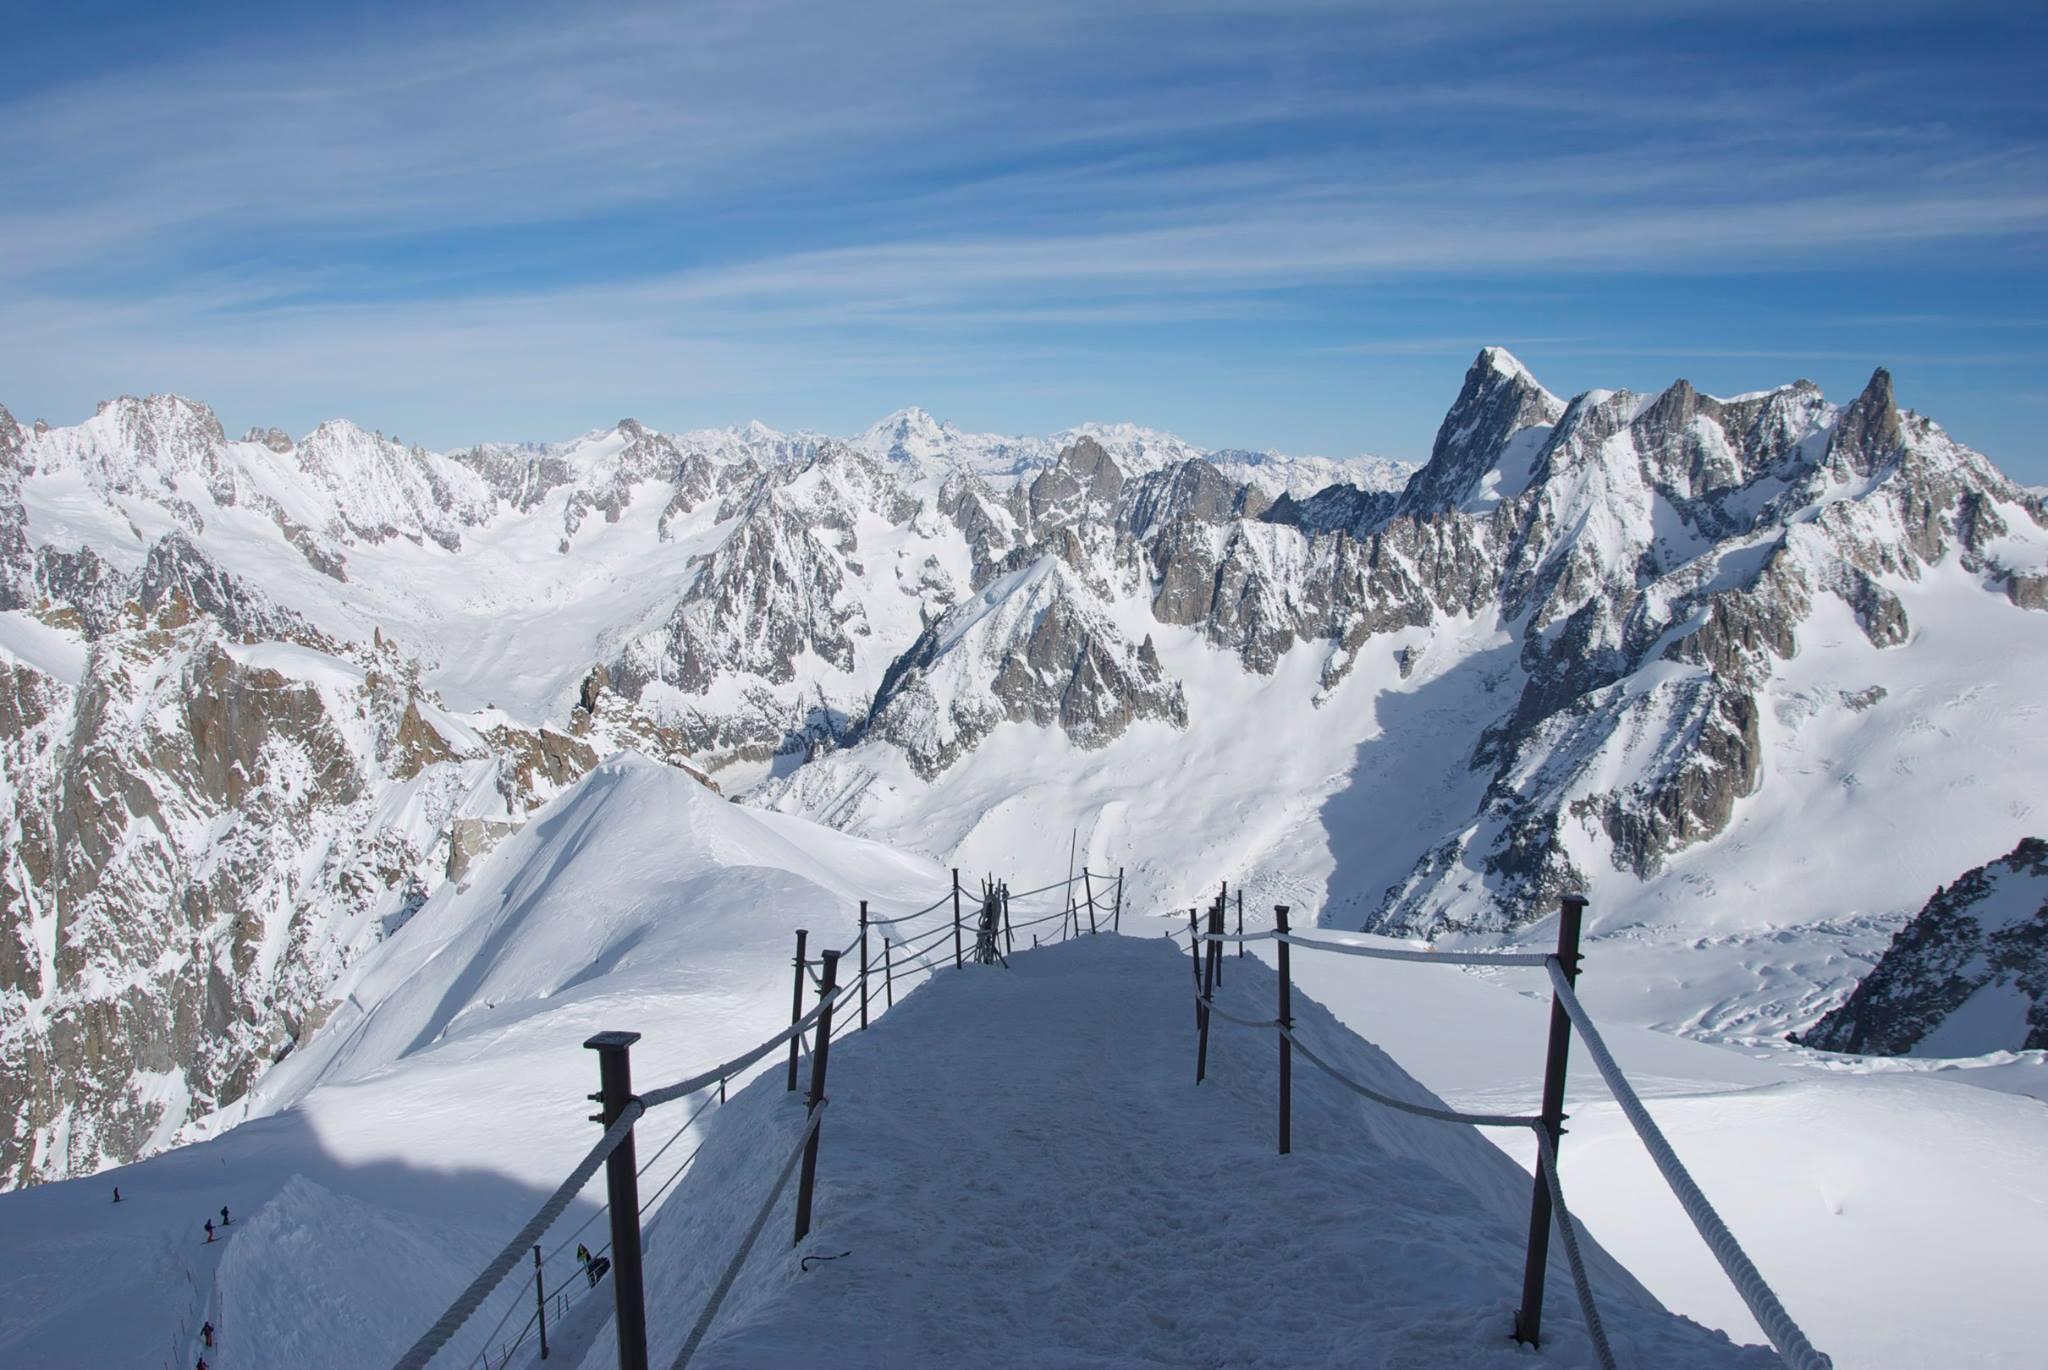 kirsteen-vallee-blanche-arete skiing in Chamonix guide to chamonix